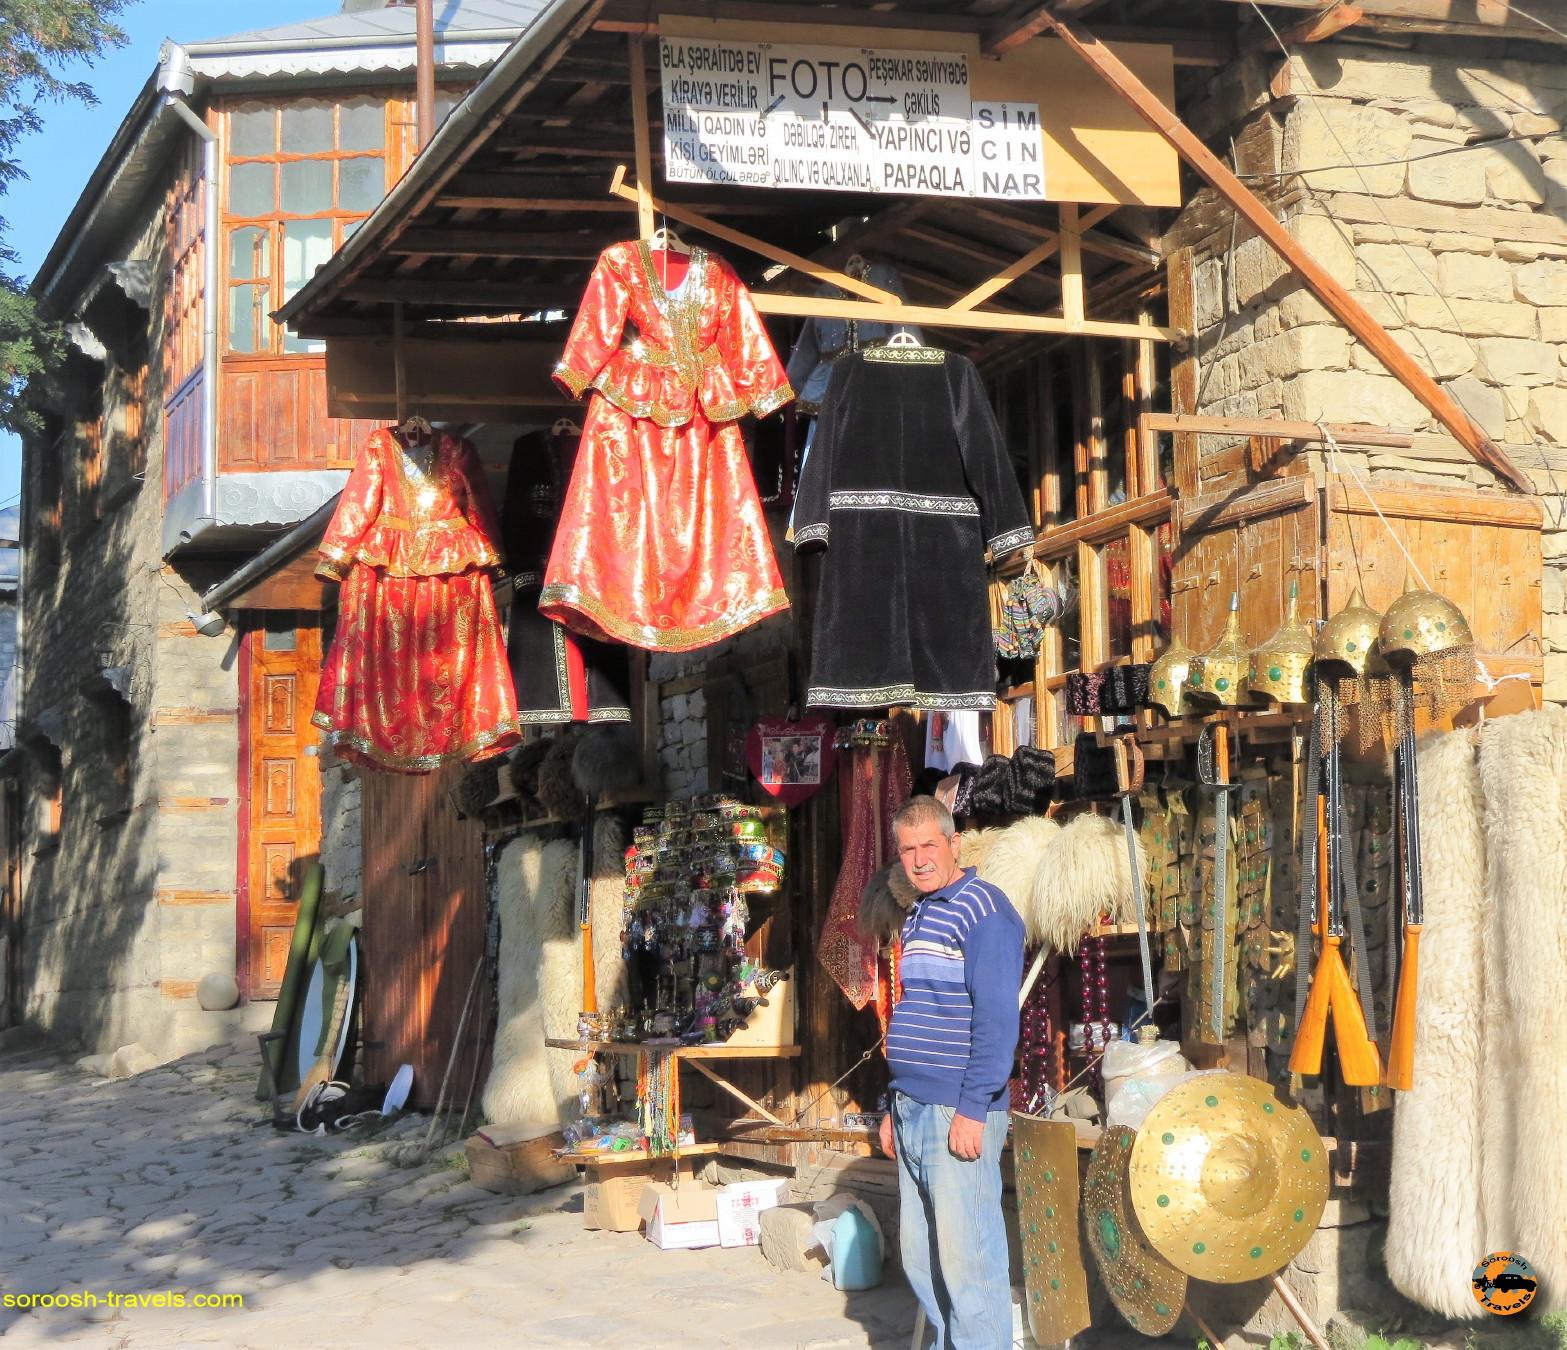 روستای تاریخی لاهیج در کشور آذربایجان - تابستان ۱۳۹۱